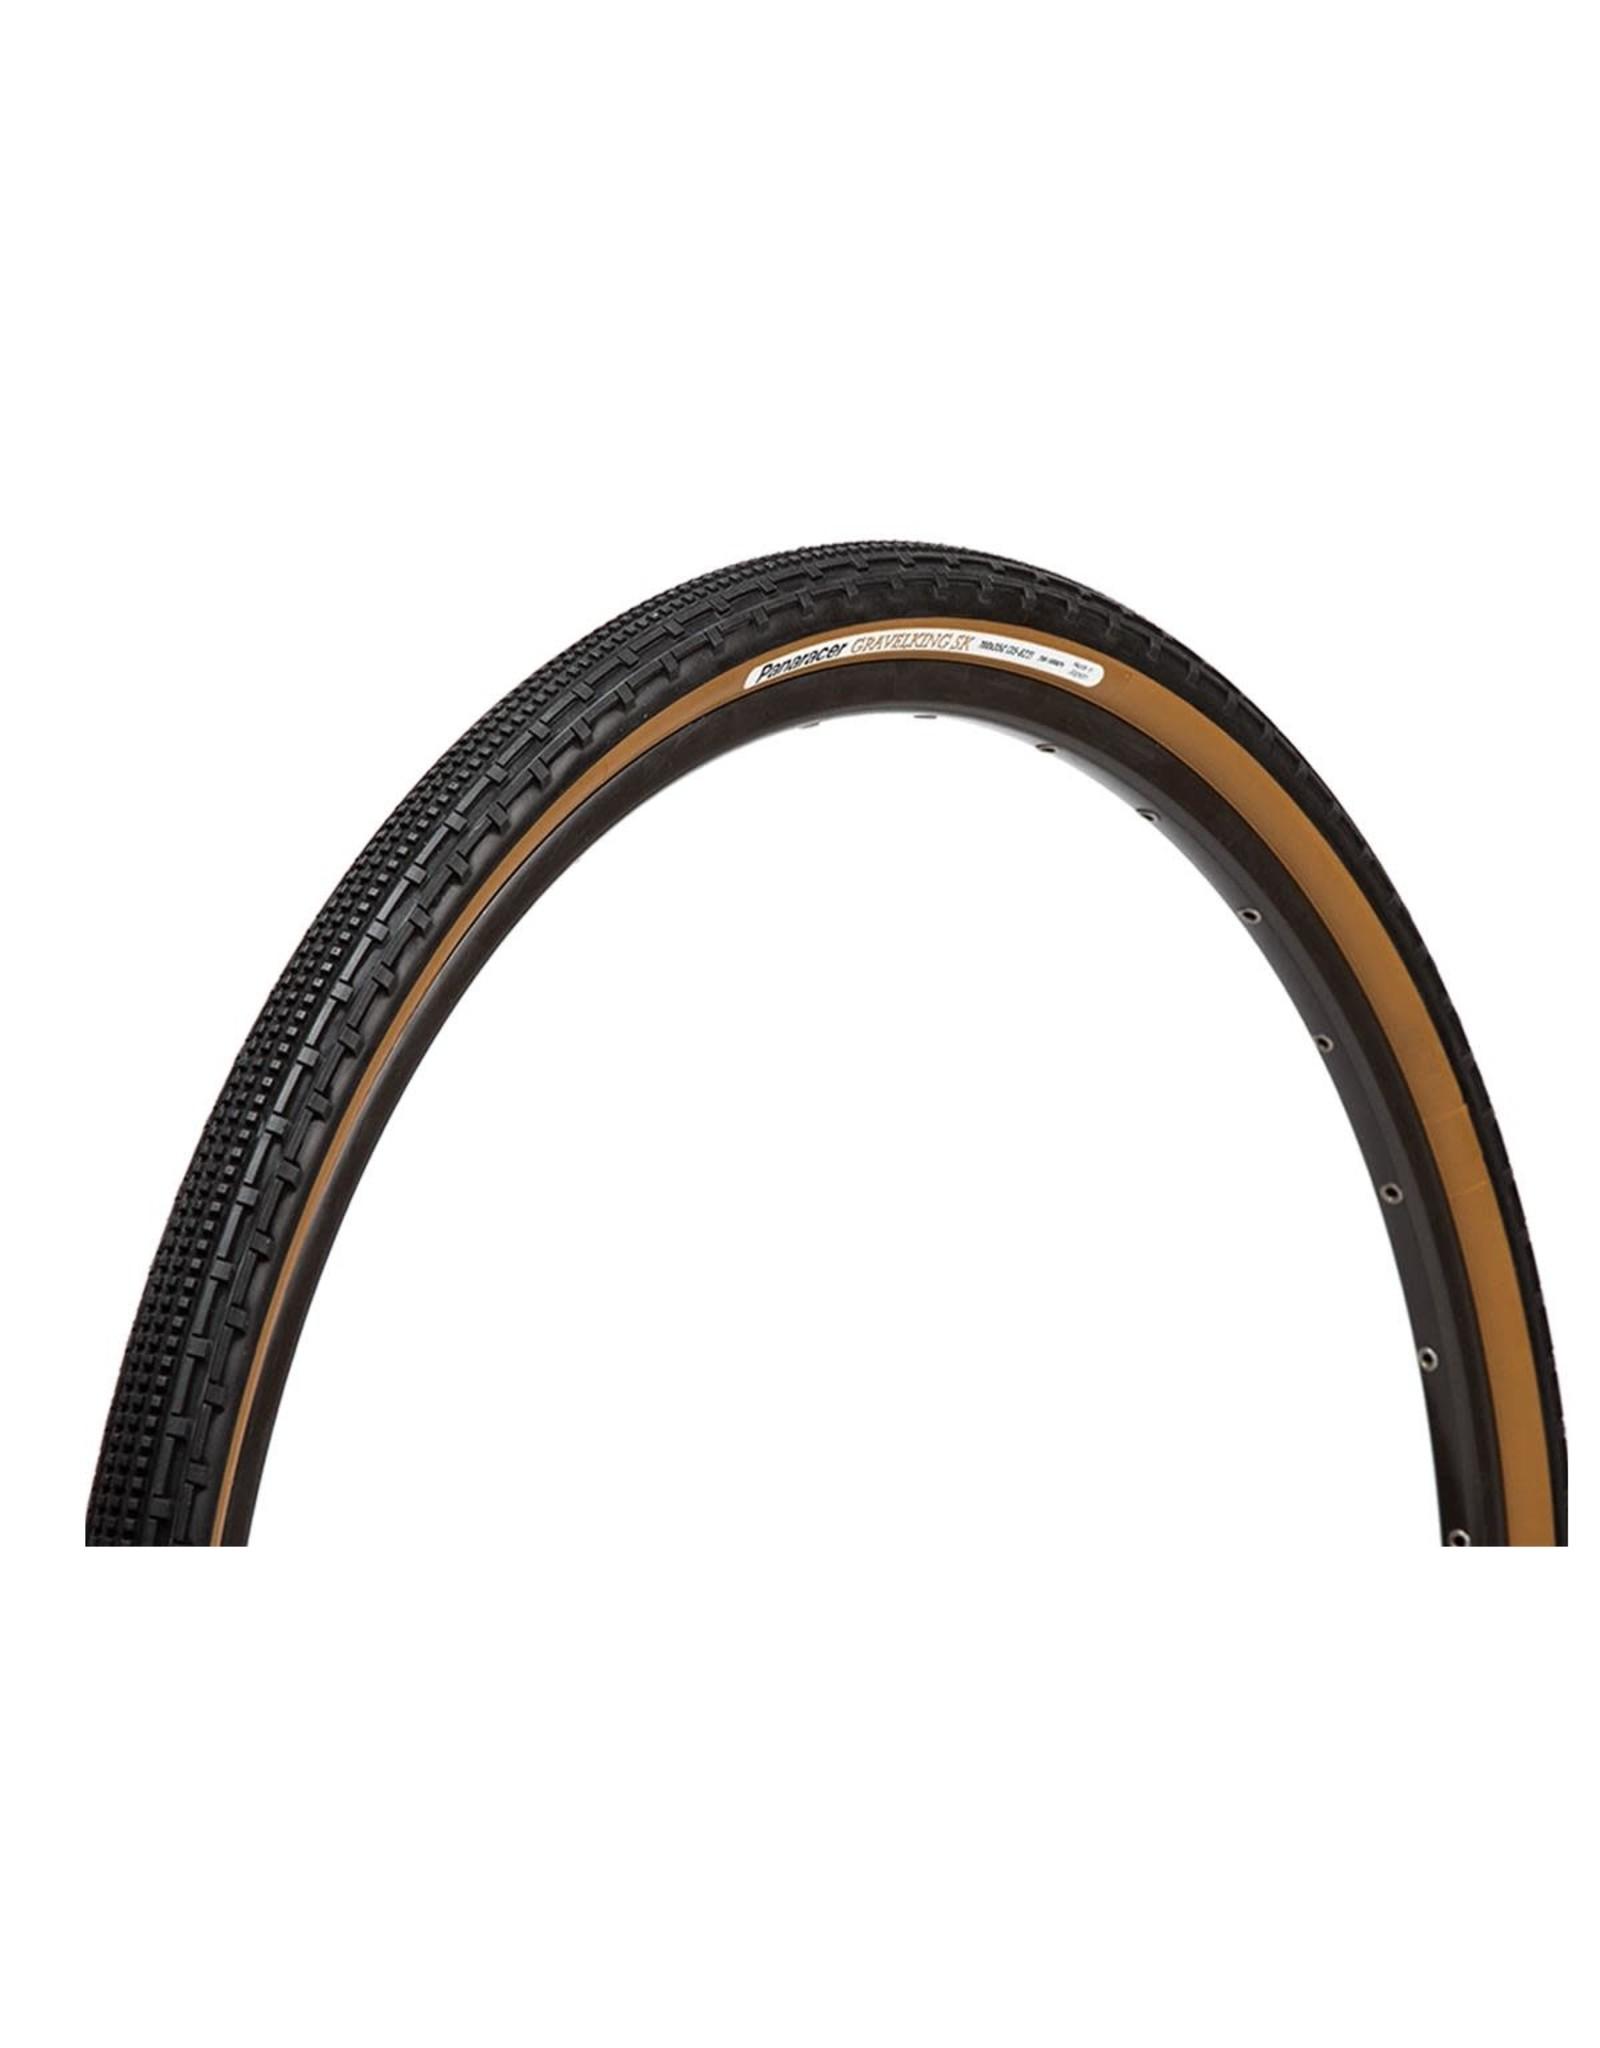 Panaracer Tyre GravelK Sk Fld Brn 700 x 32